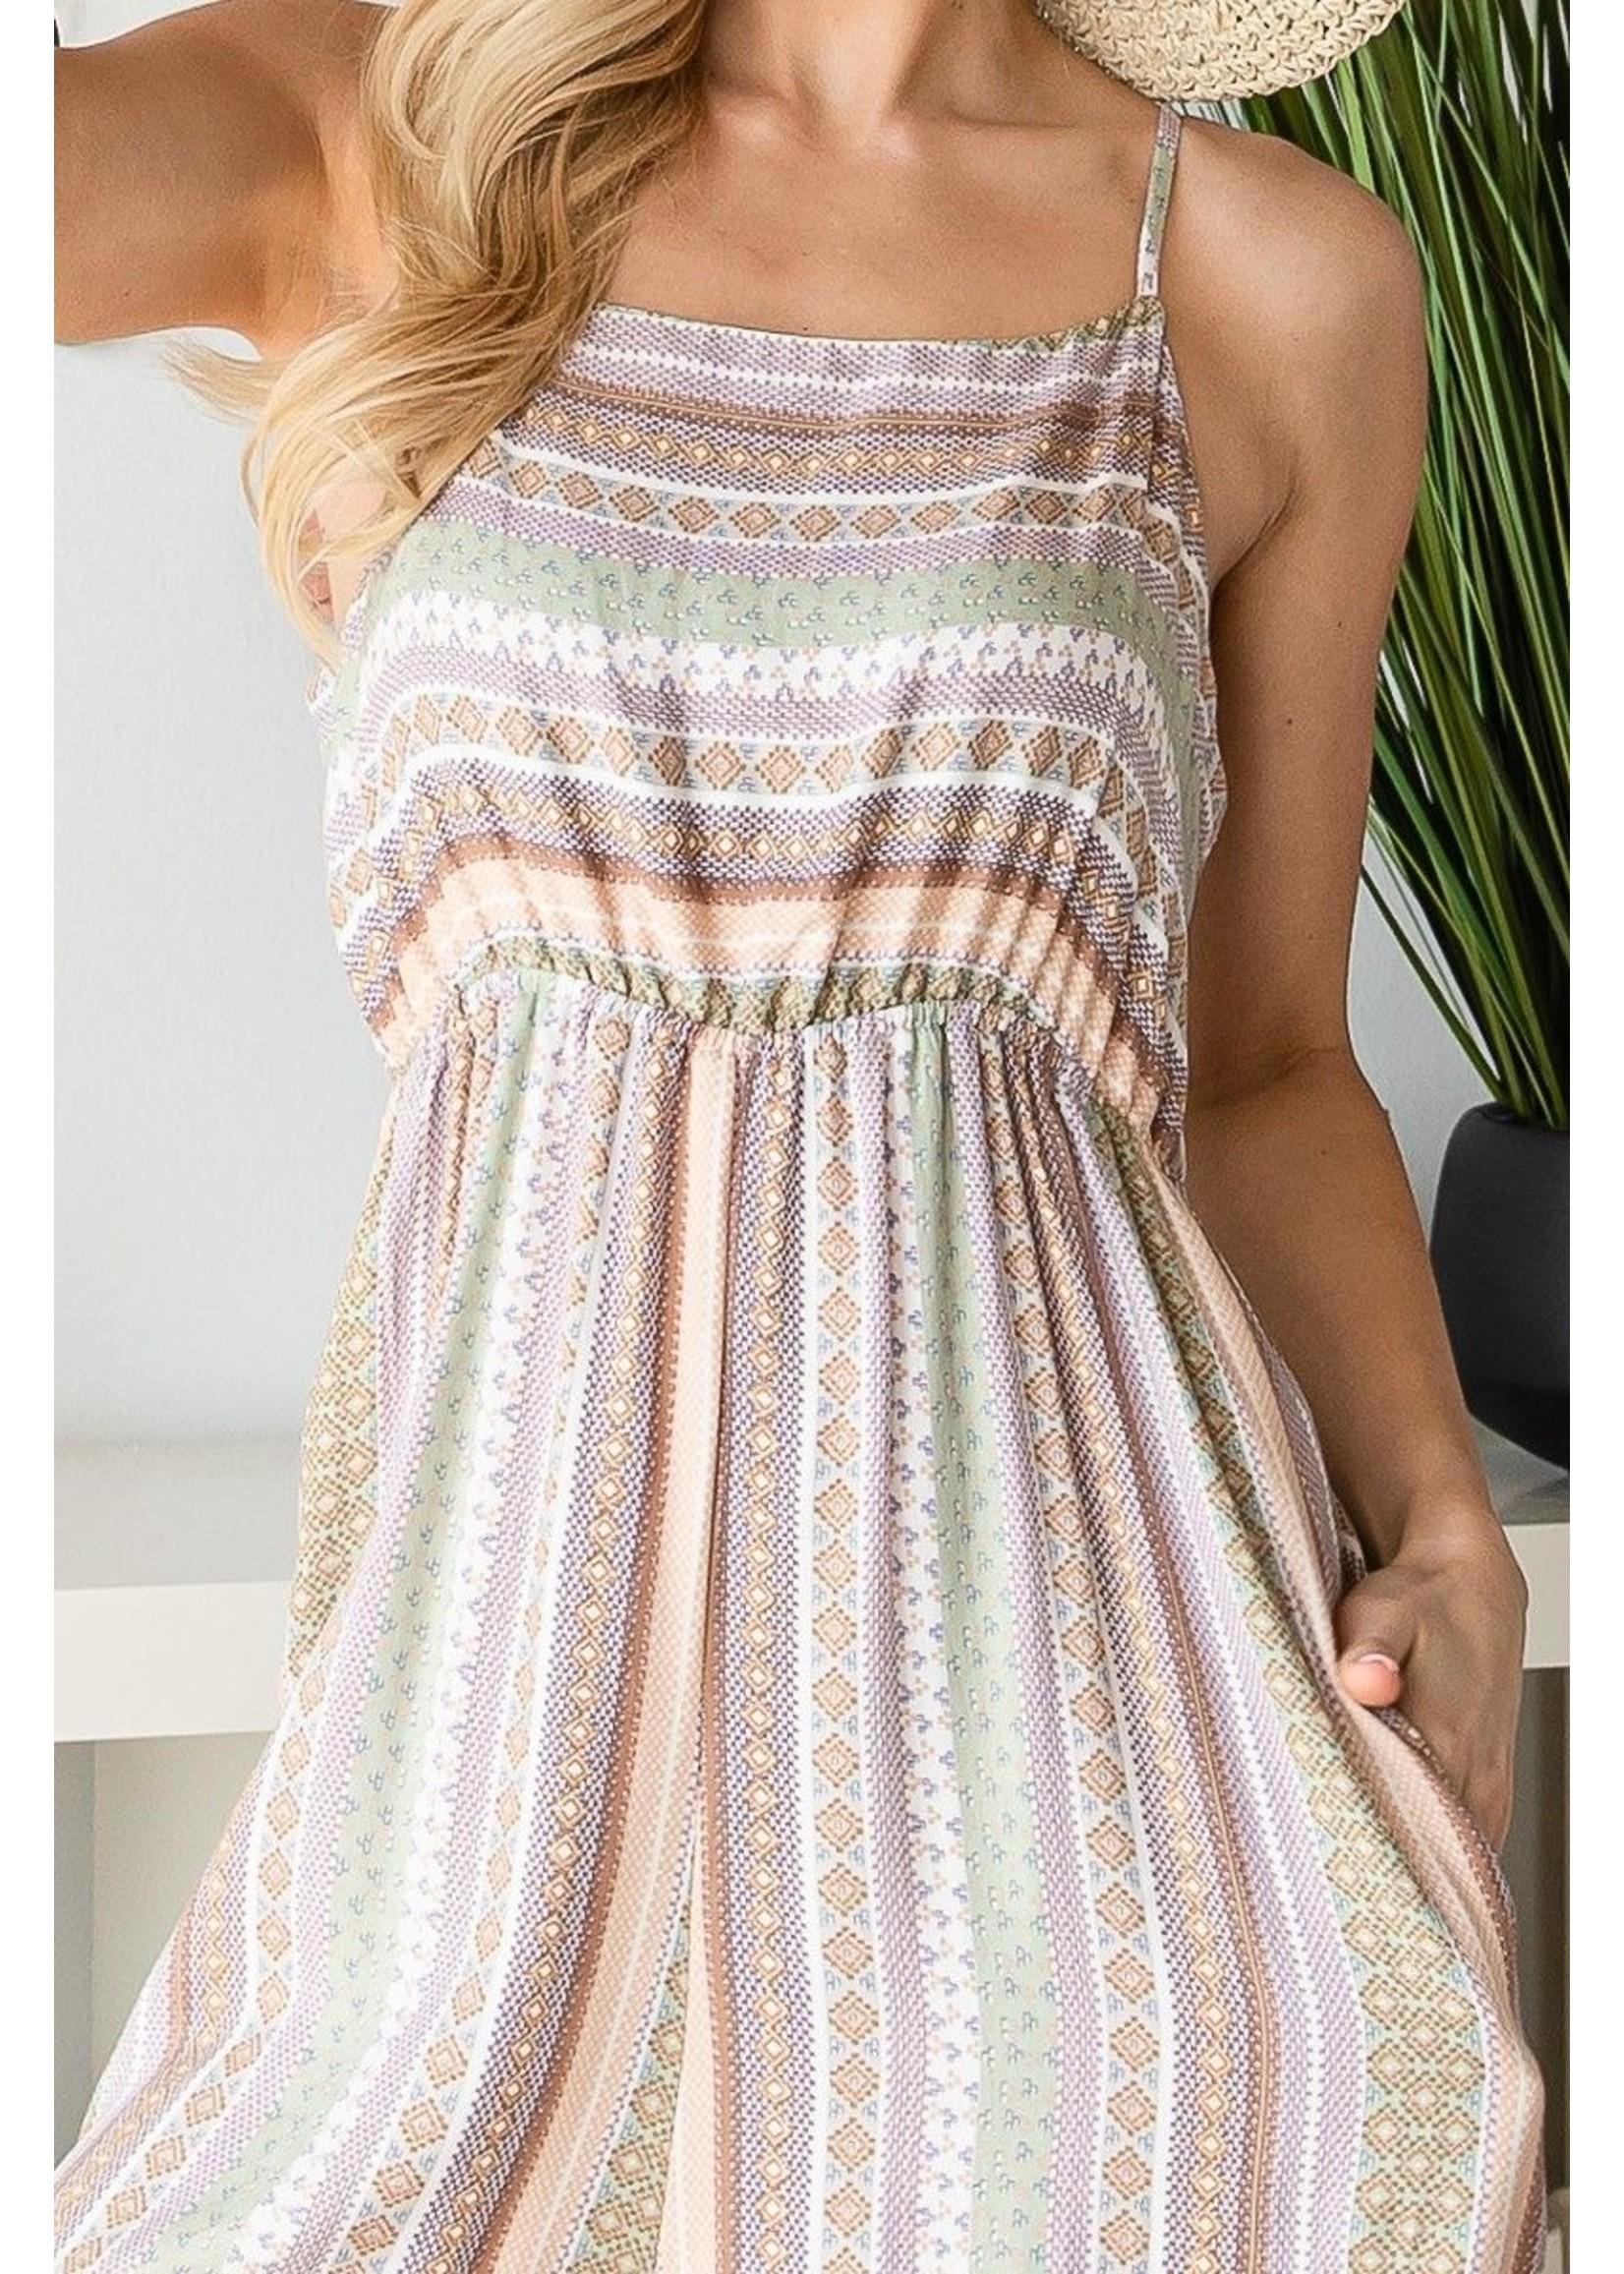 CY Fashion Ariyah Jumpsuit Multi